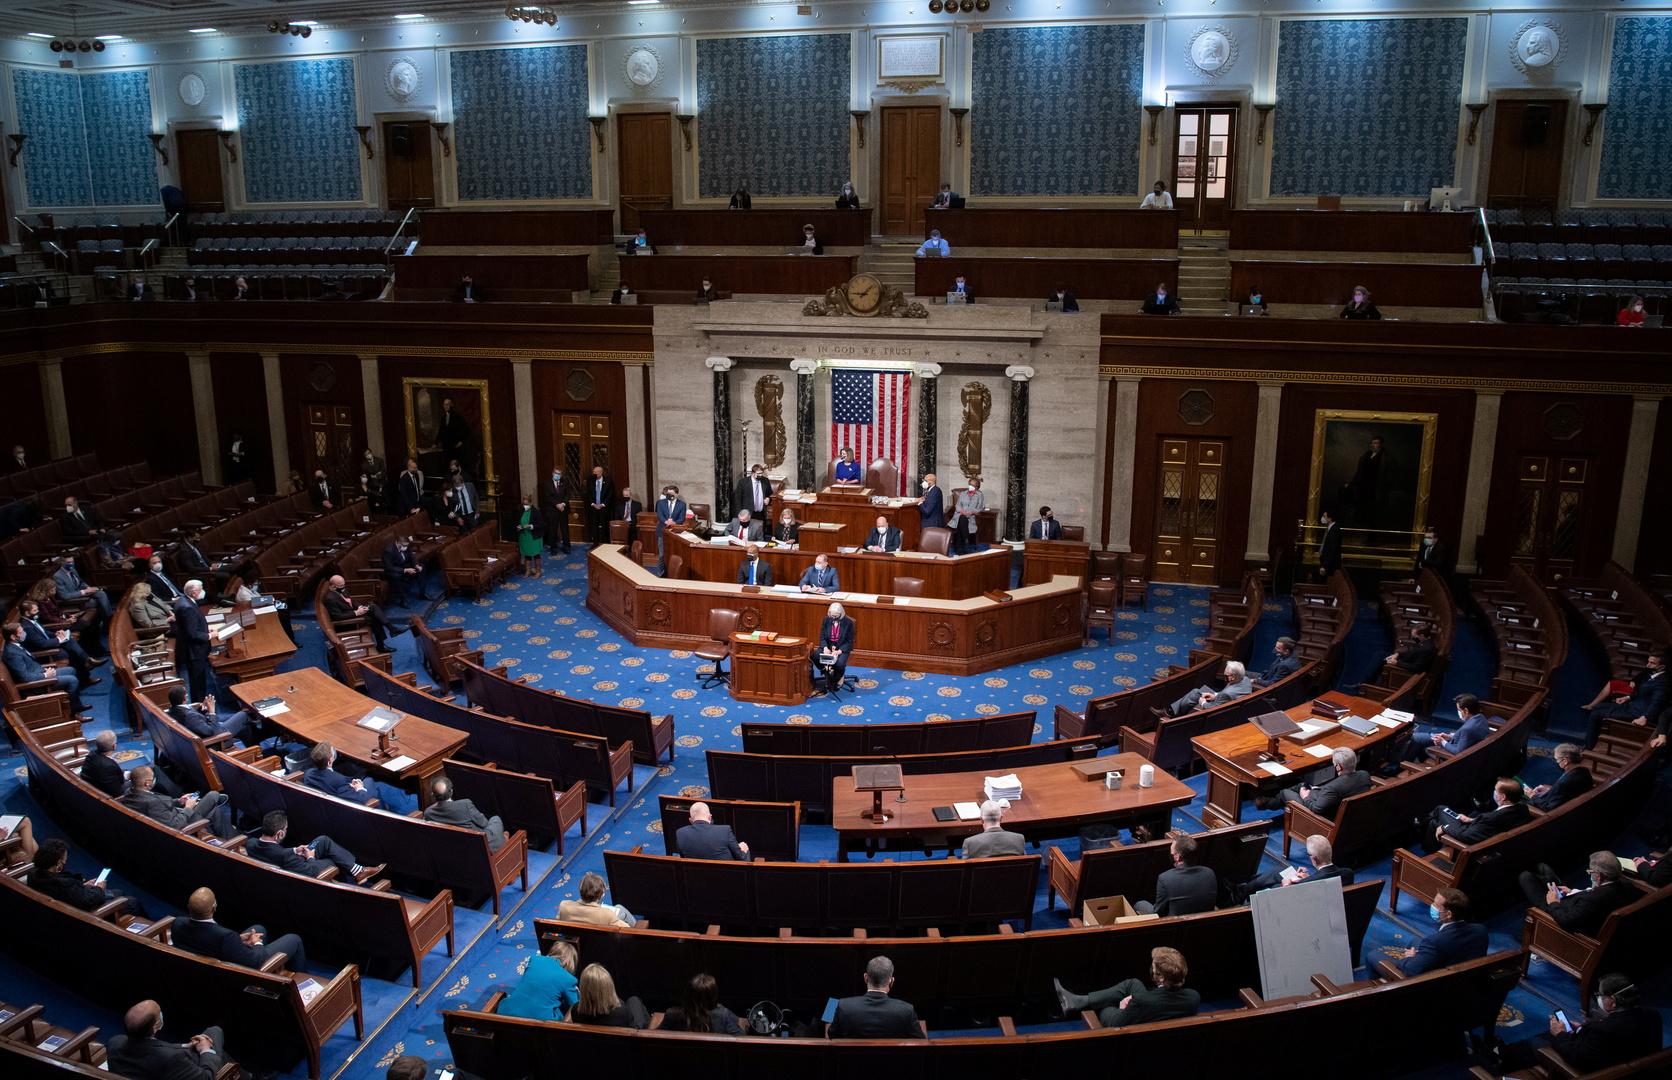 النواب الأمريكي يعتمد خطة للنهوض بالاقتصاد بنحو 1,9 تريليون دولار